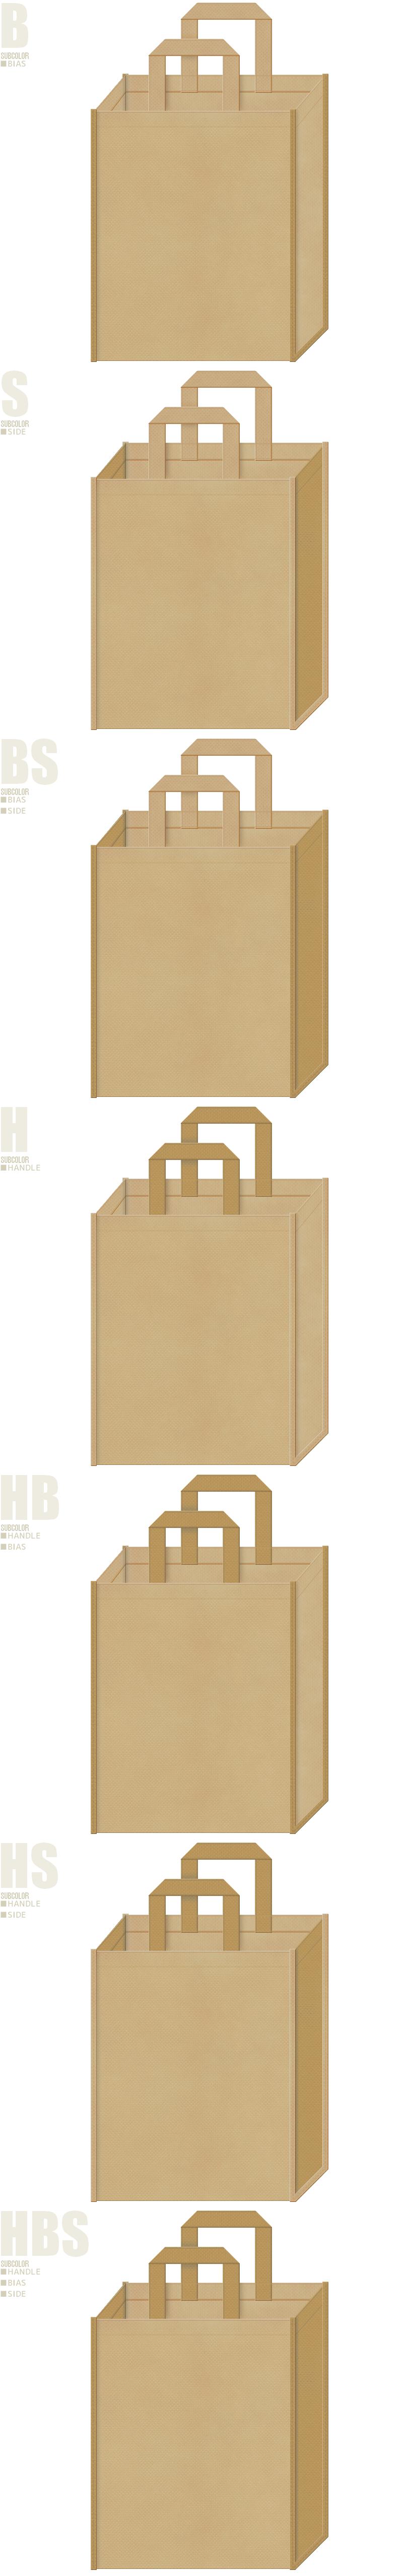 秋冬・セーター・手芸・毛糸・日曜大工・木工・工作教室・DIYにお奨めの不織布バッグデザイン:カーキ色と金黄土色の配色7パターン。